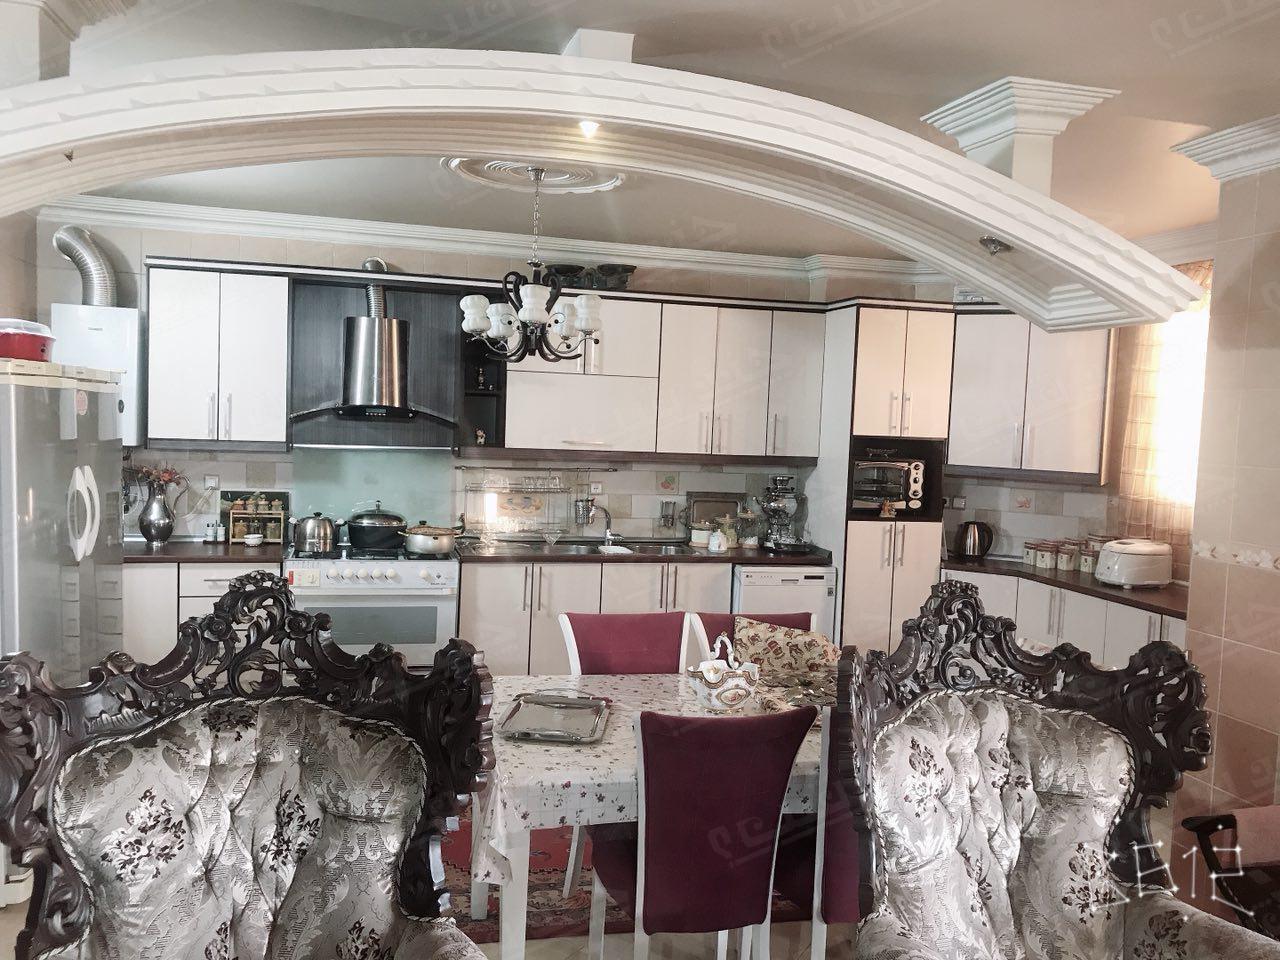 آپارتمان مبله ویژه اقامت شبانه در اصفهان - 107